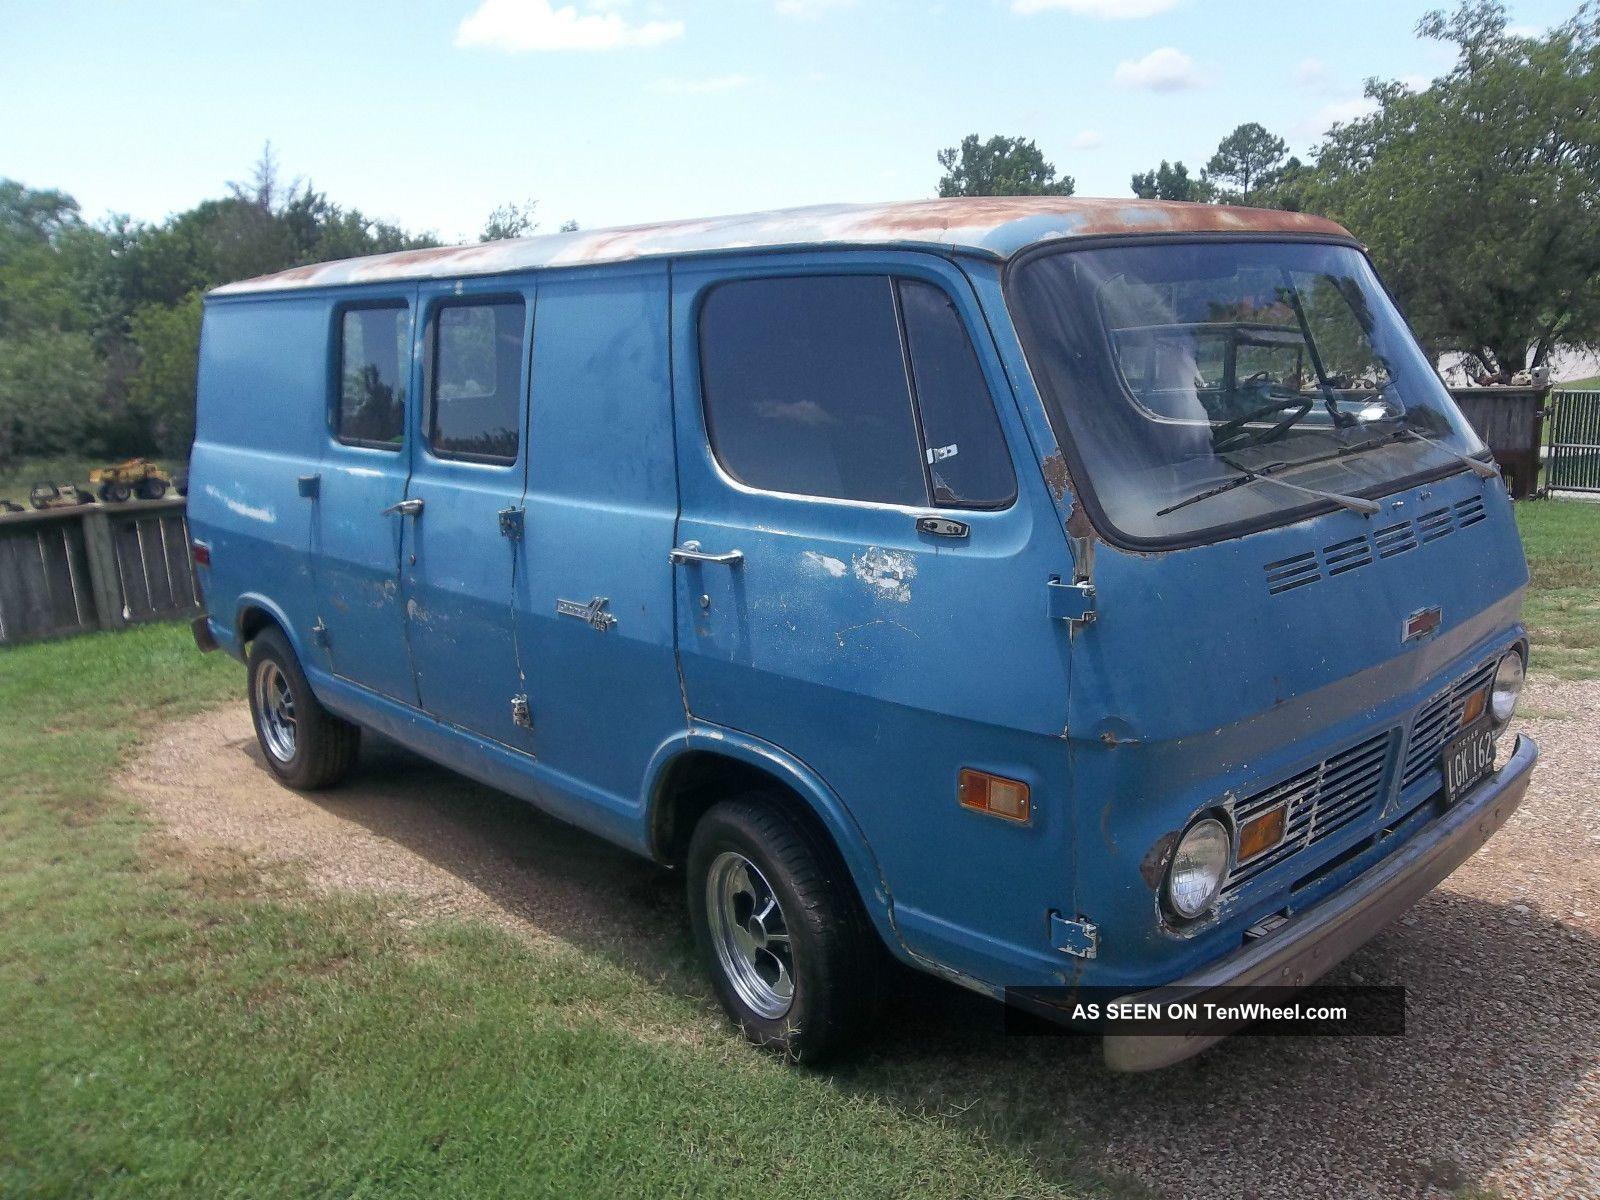 1968 Chevrolet G10 Van Rat Rod Hot Rod Scooby Do Van Mystery Van ...